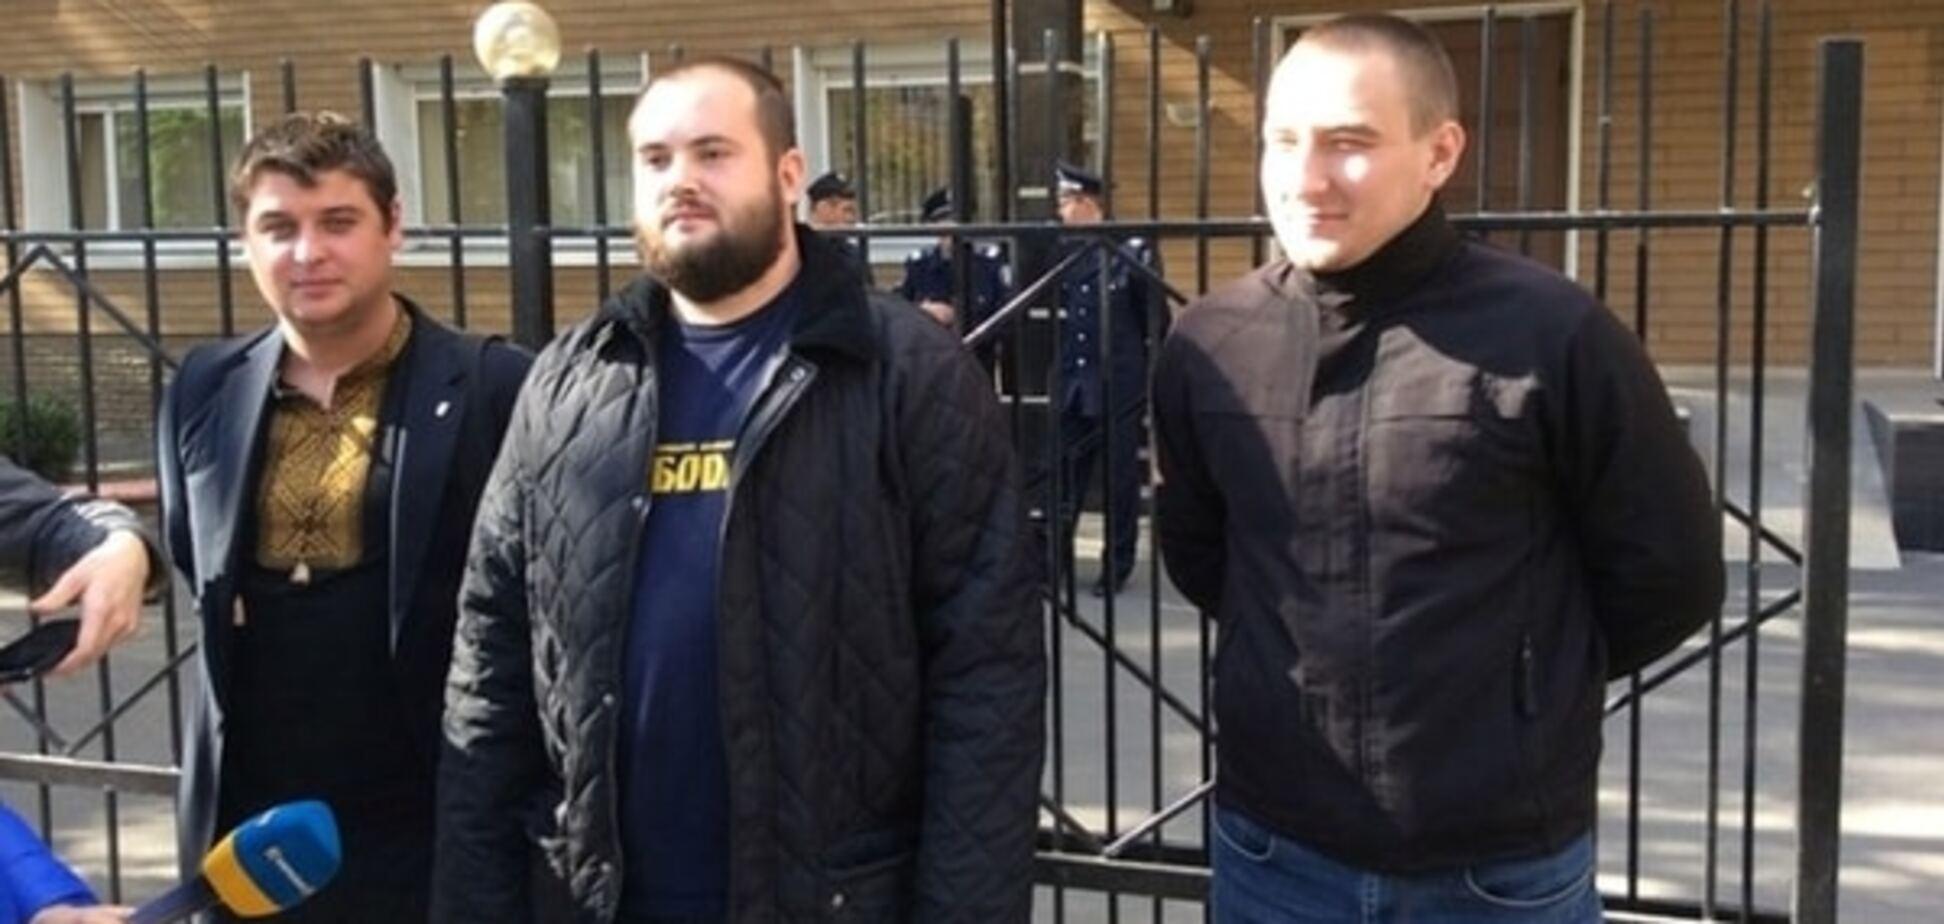 Бійня під Радою: слідство вимагає арешту трьох активістів 'Свободи'